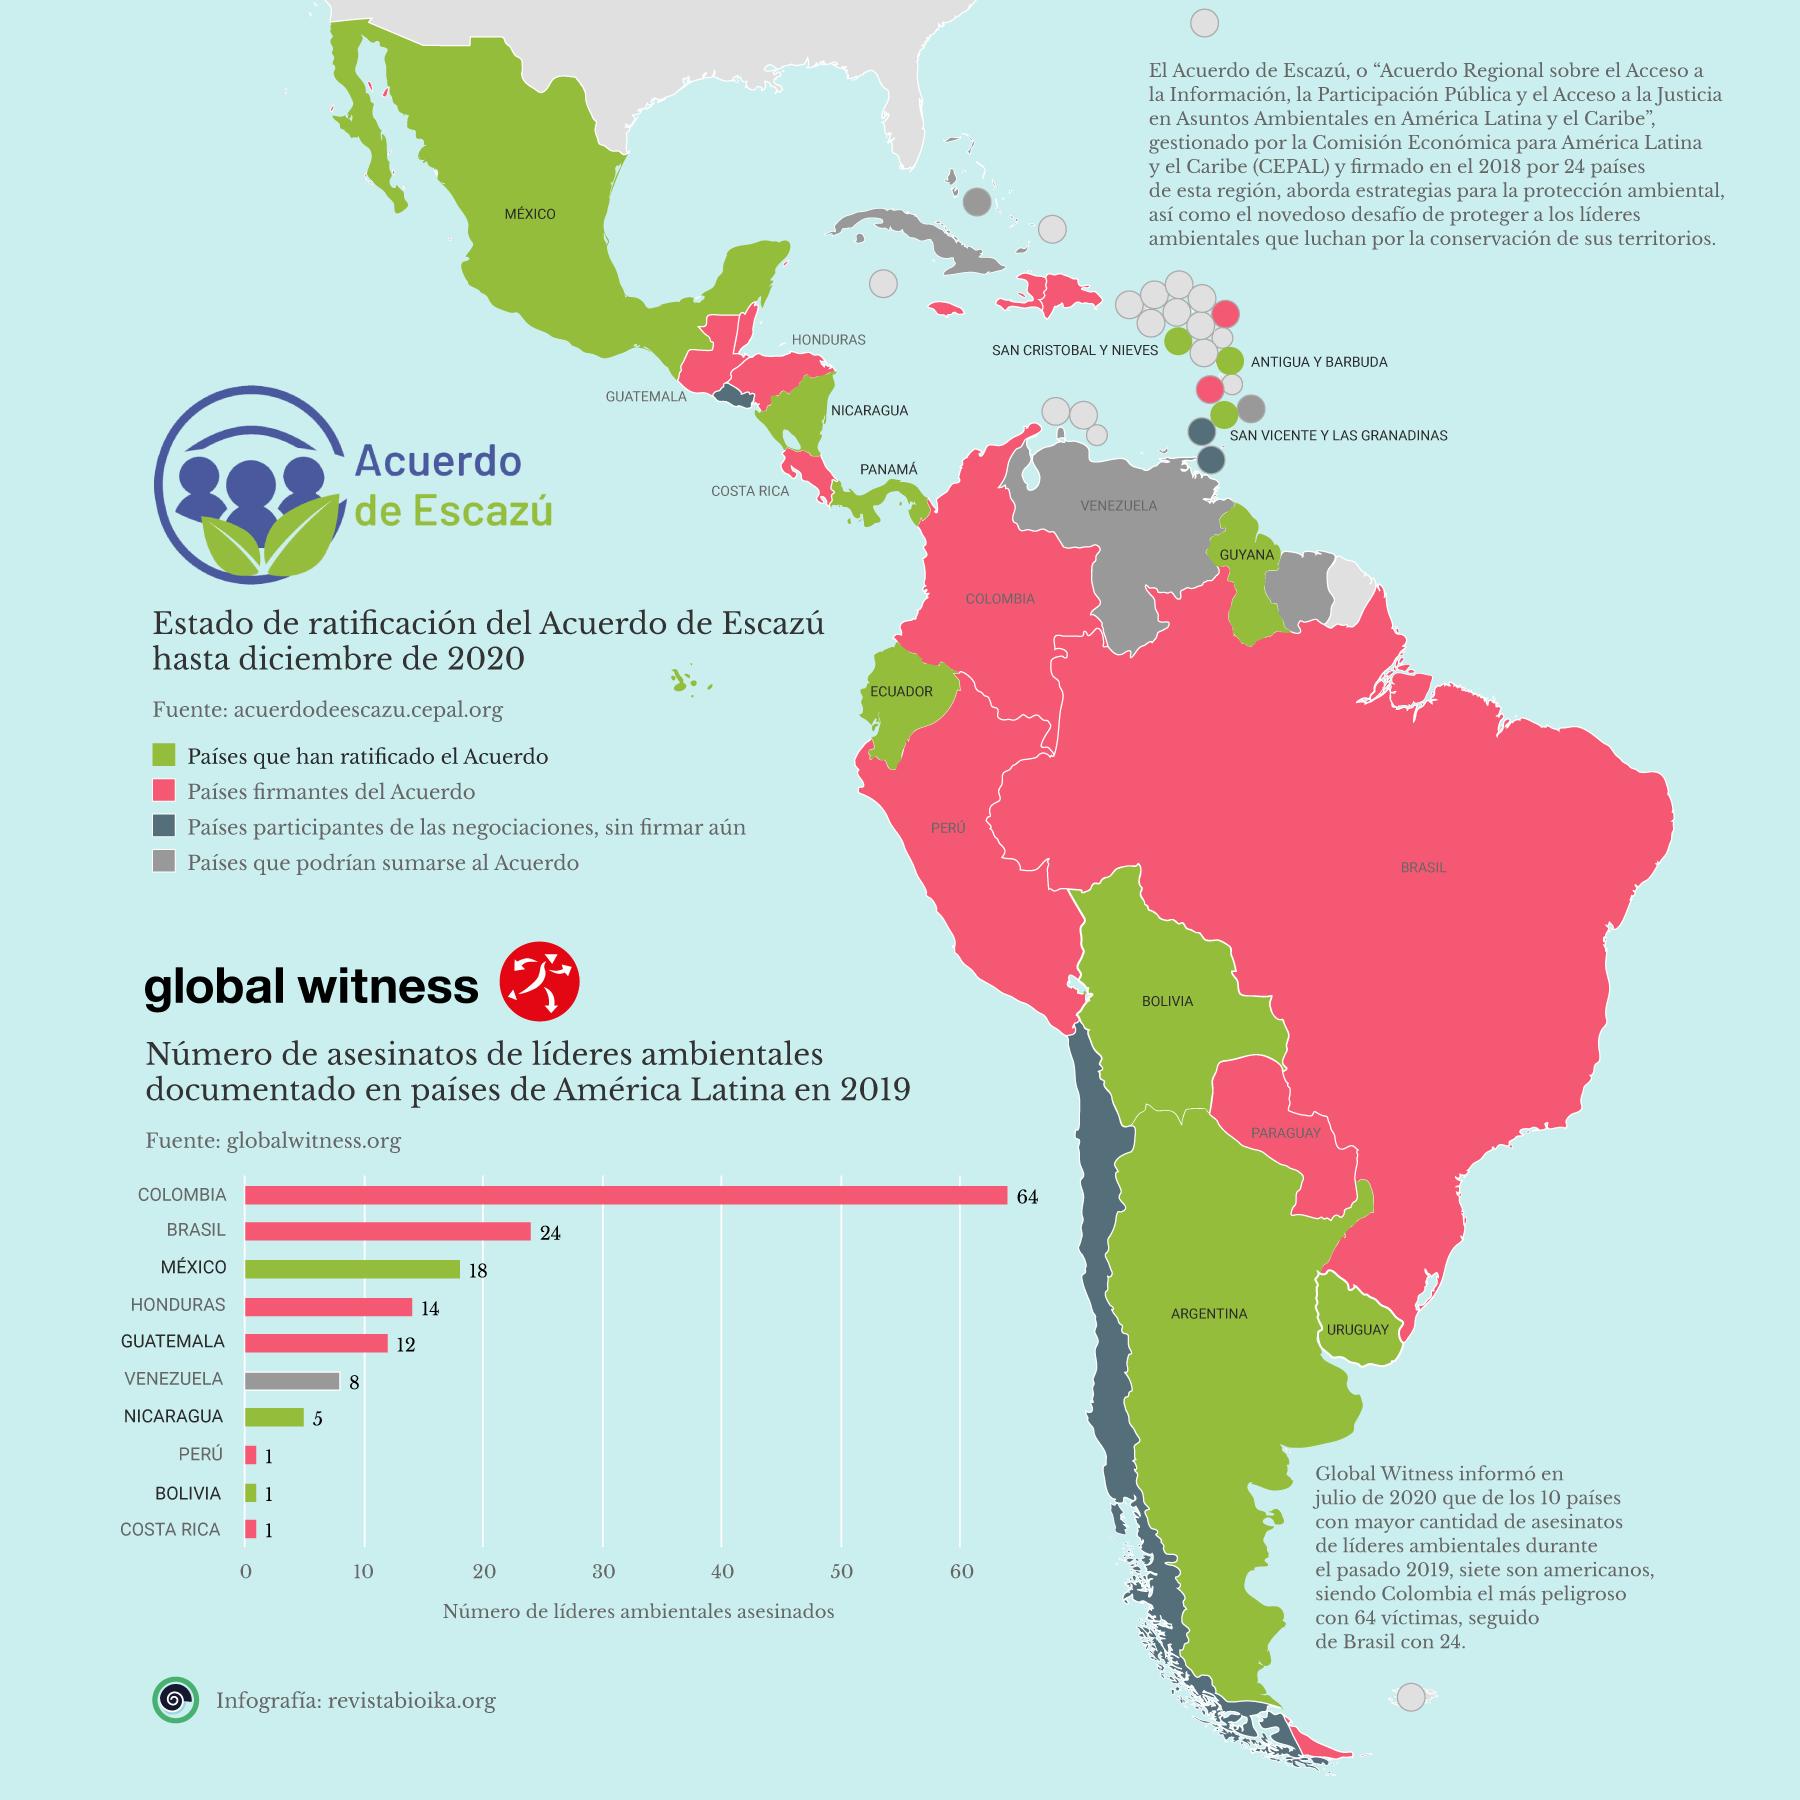 Mapa de Acuerdo de Escazú e informe Global Witness (español)